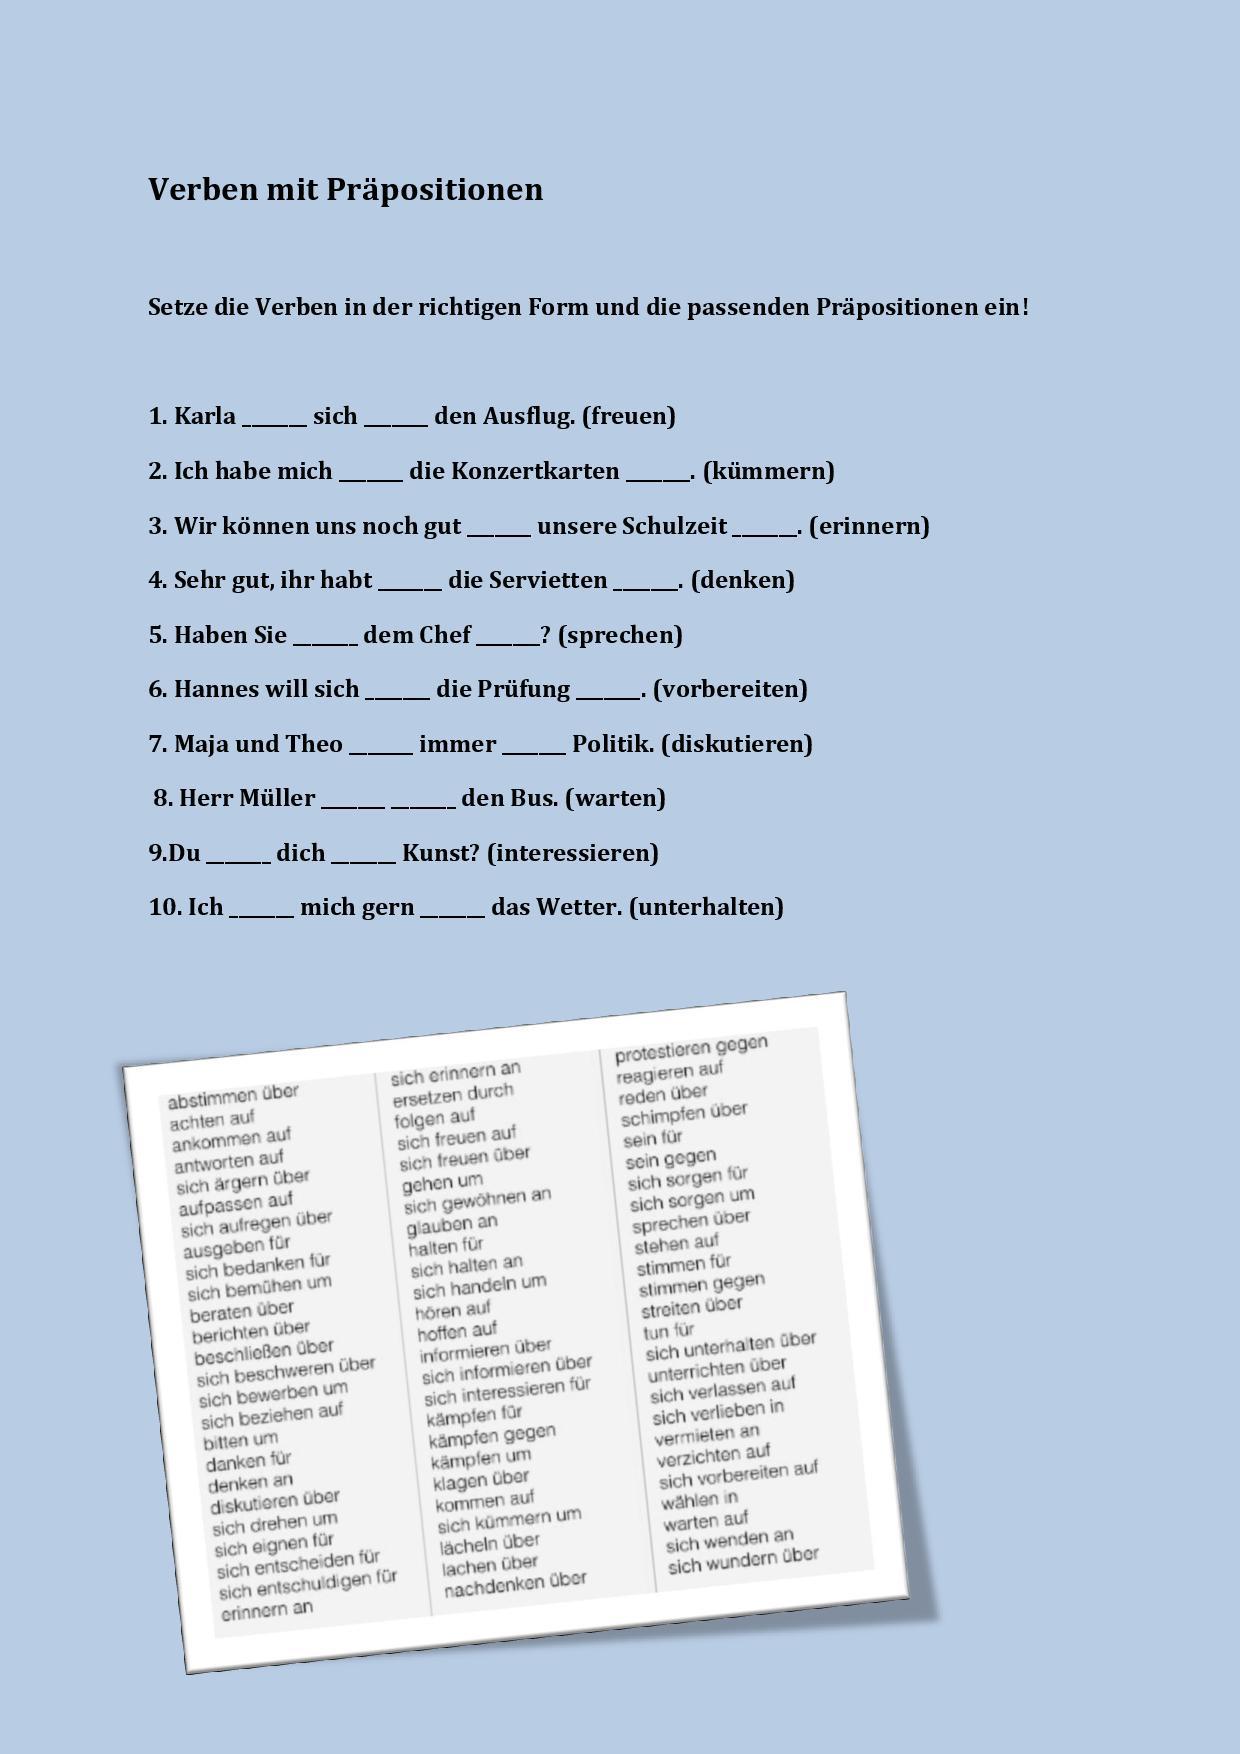 uig - Verben mit Präpositionen